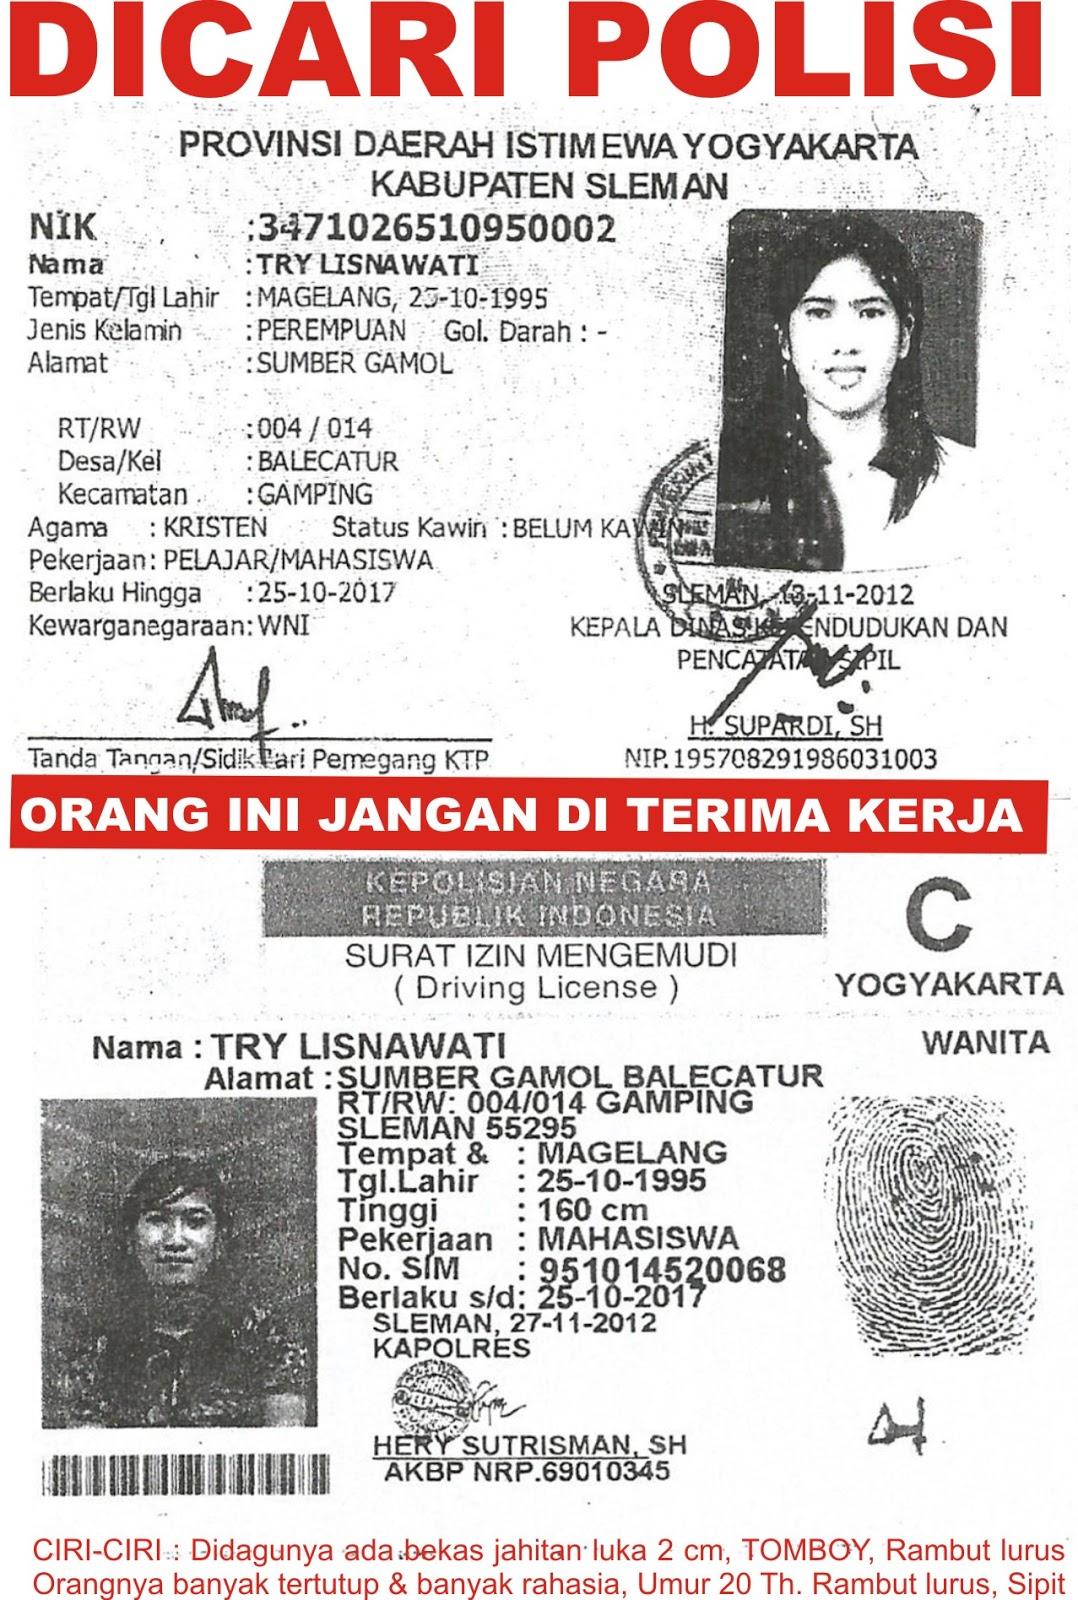 Anak Hilang, Penculikan, E-Ktp Ganda  Aspal, Istri Kabur -6571